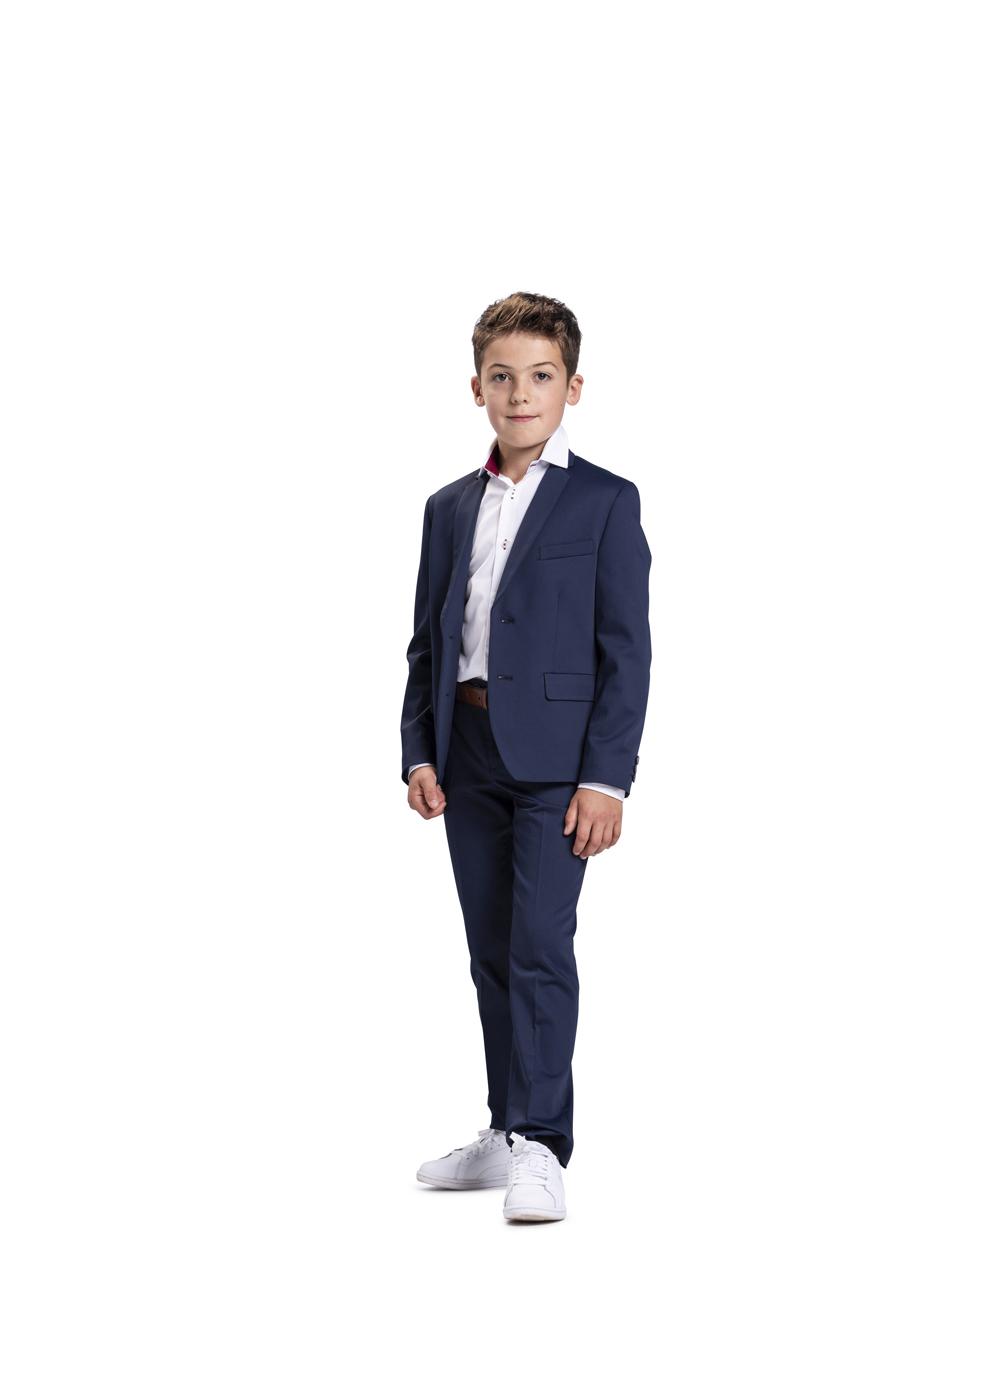 Sportlich moderner Kommunionanzug für Jungen von Weise Junior - Modell 751753. Sportlich modisch kombiniert mit weißen Turnschuhen - das sportliche Kommunion Outfit.